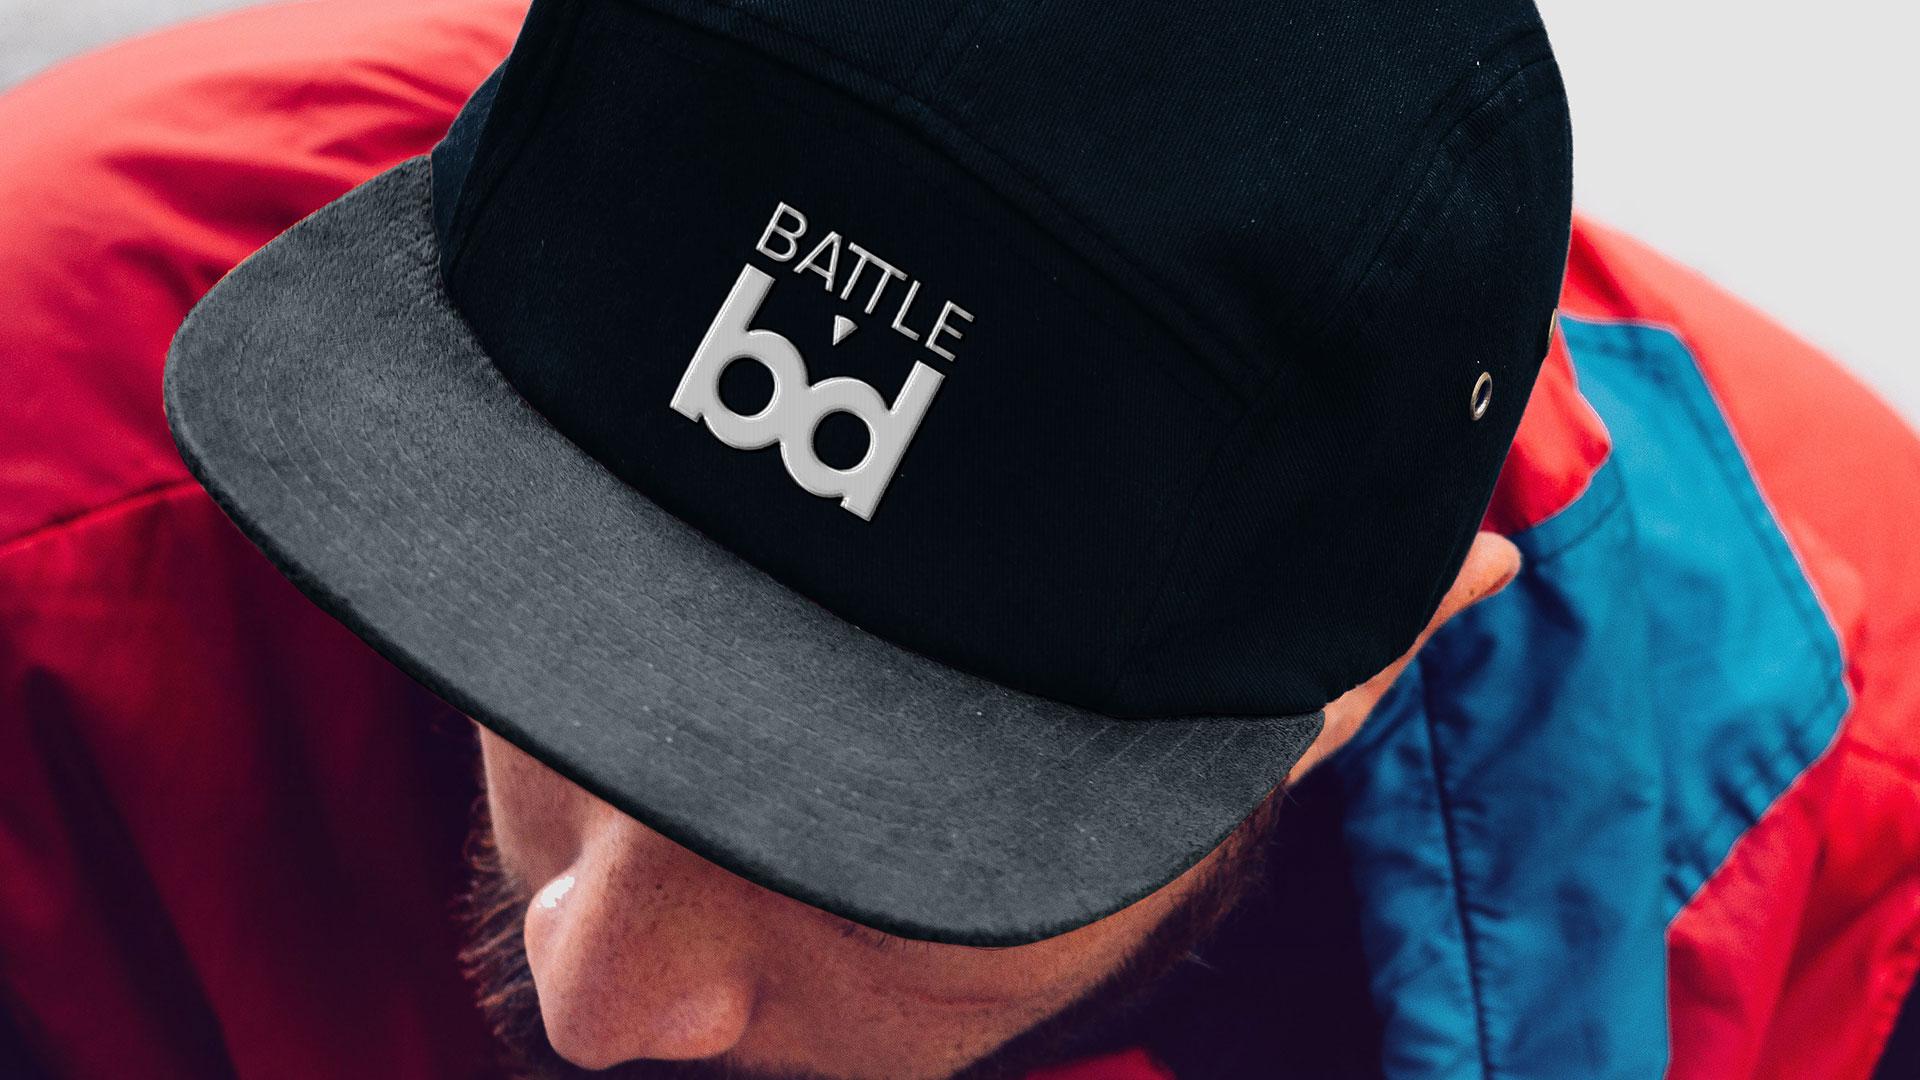 Création identité visuelle Battle BD